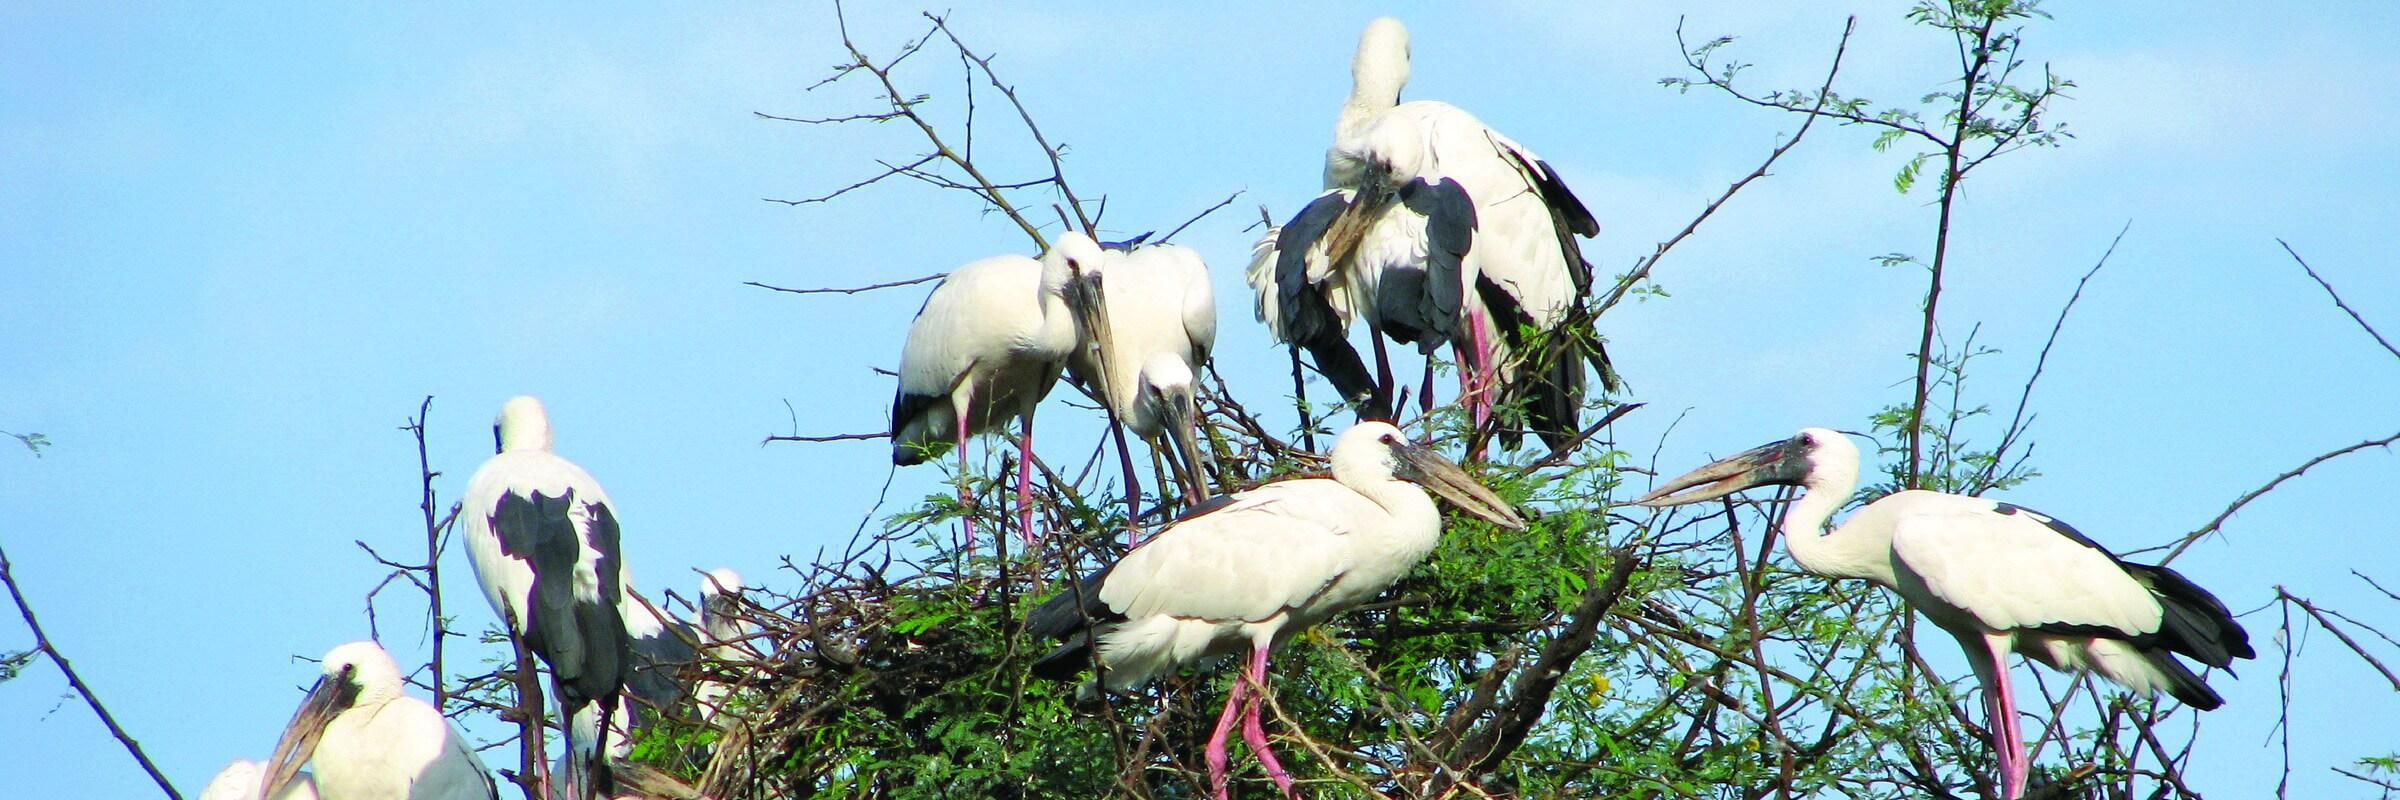 Der Keoladeo-Nationalpark bei Bharatpur war einst ein Entenjagdgebiet und beherbergt heute über 364 Vogelarten.